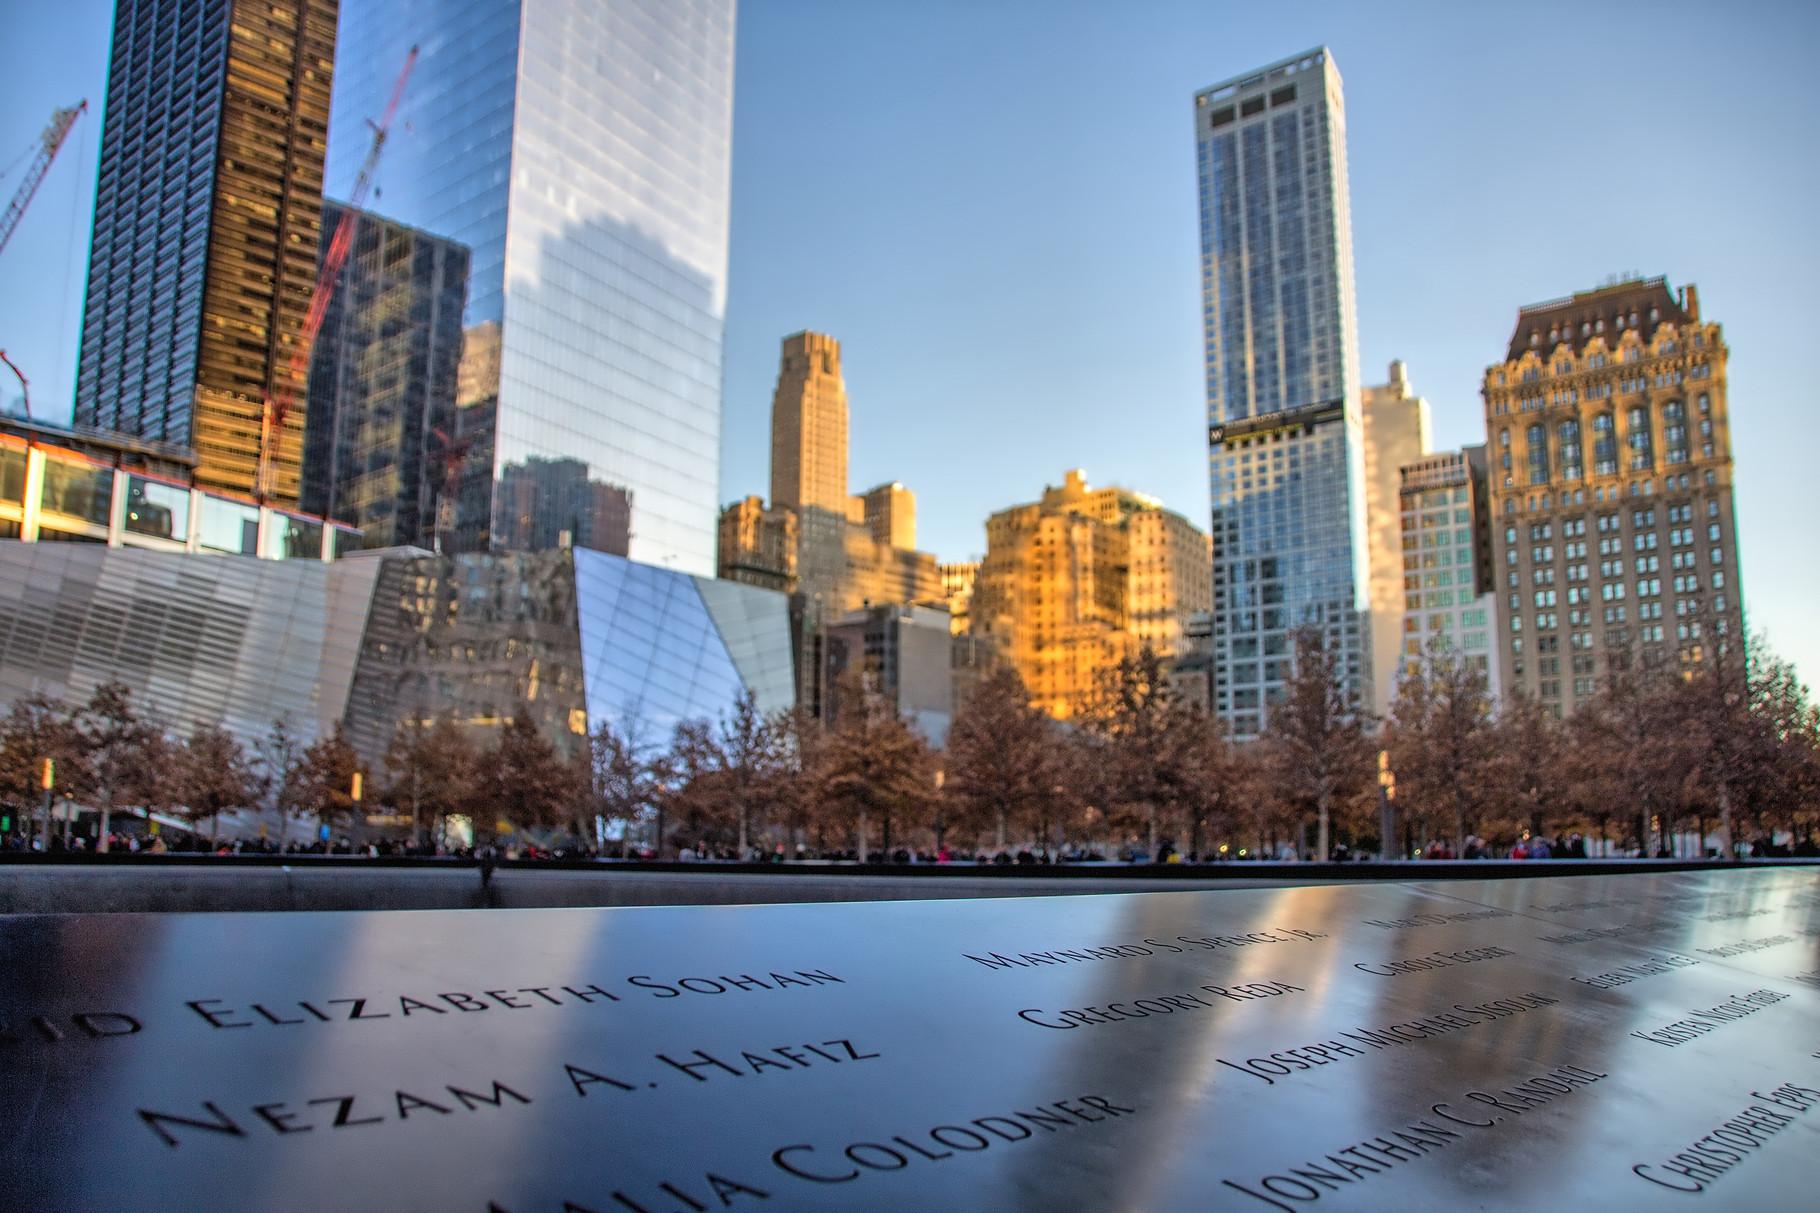 18_NYC 9/11 Memorial.